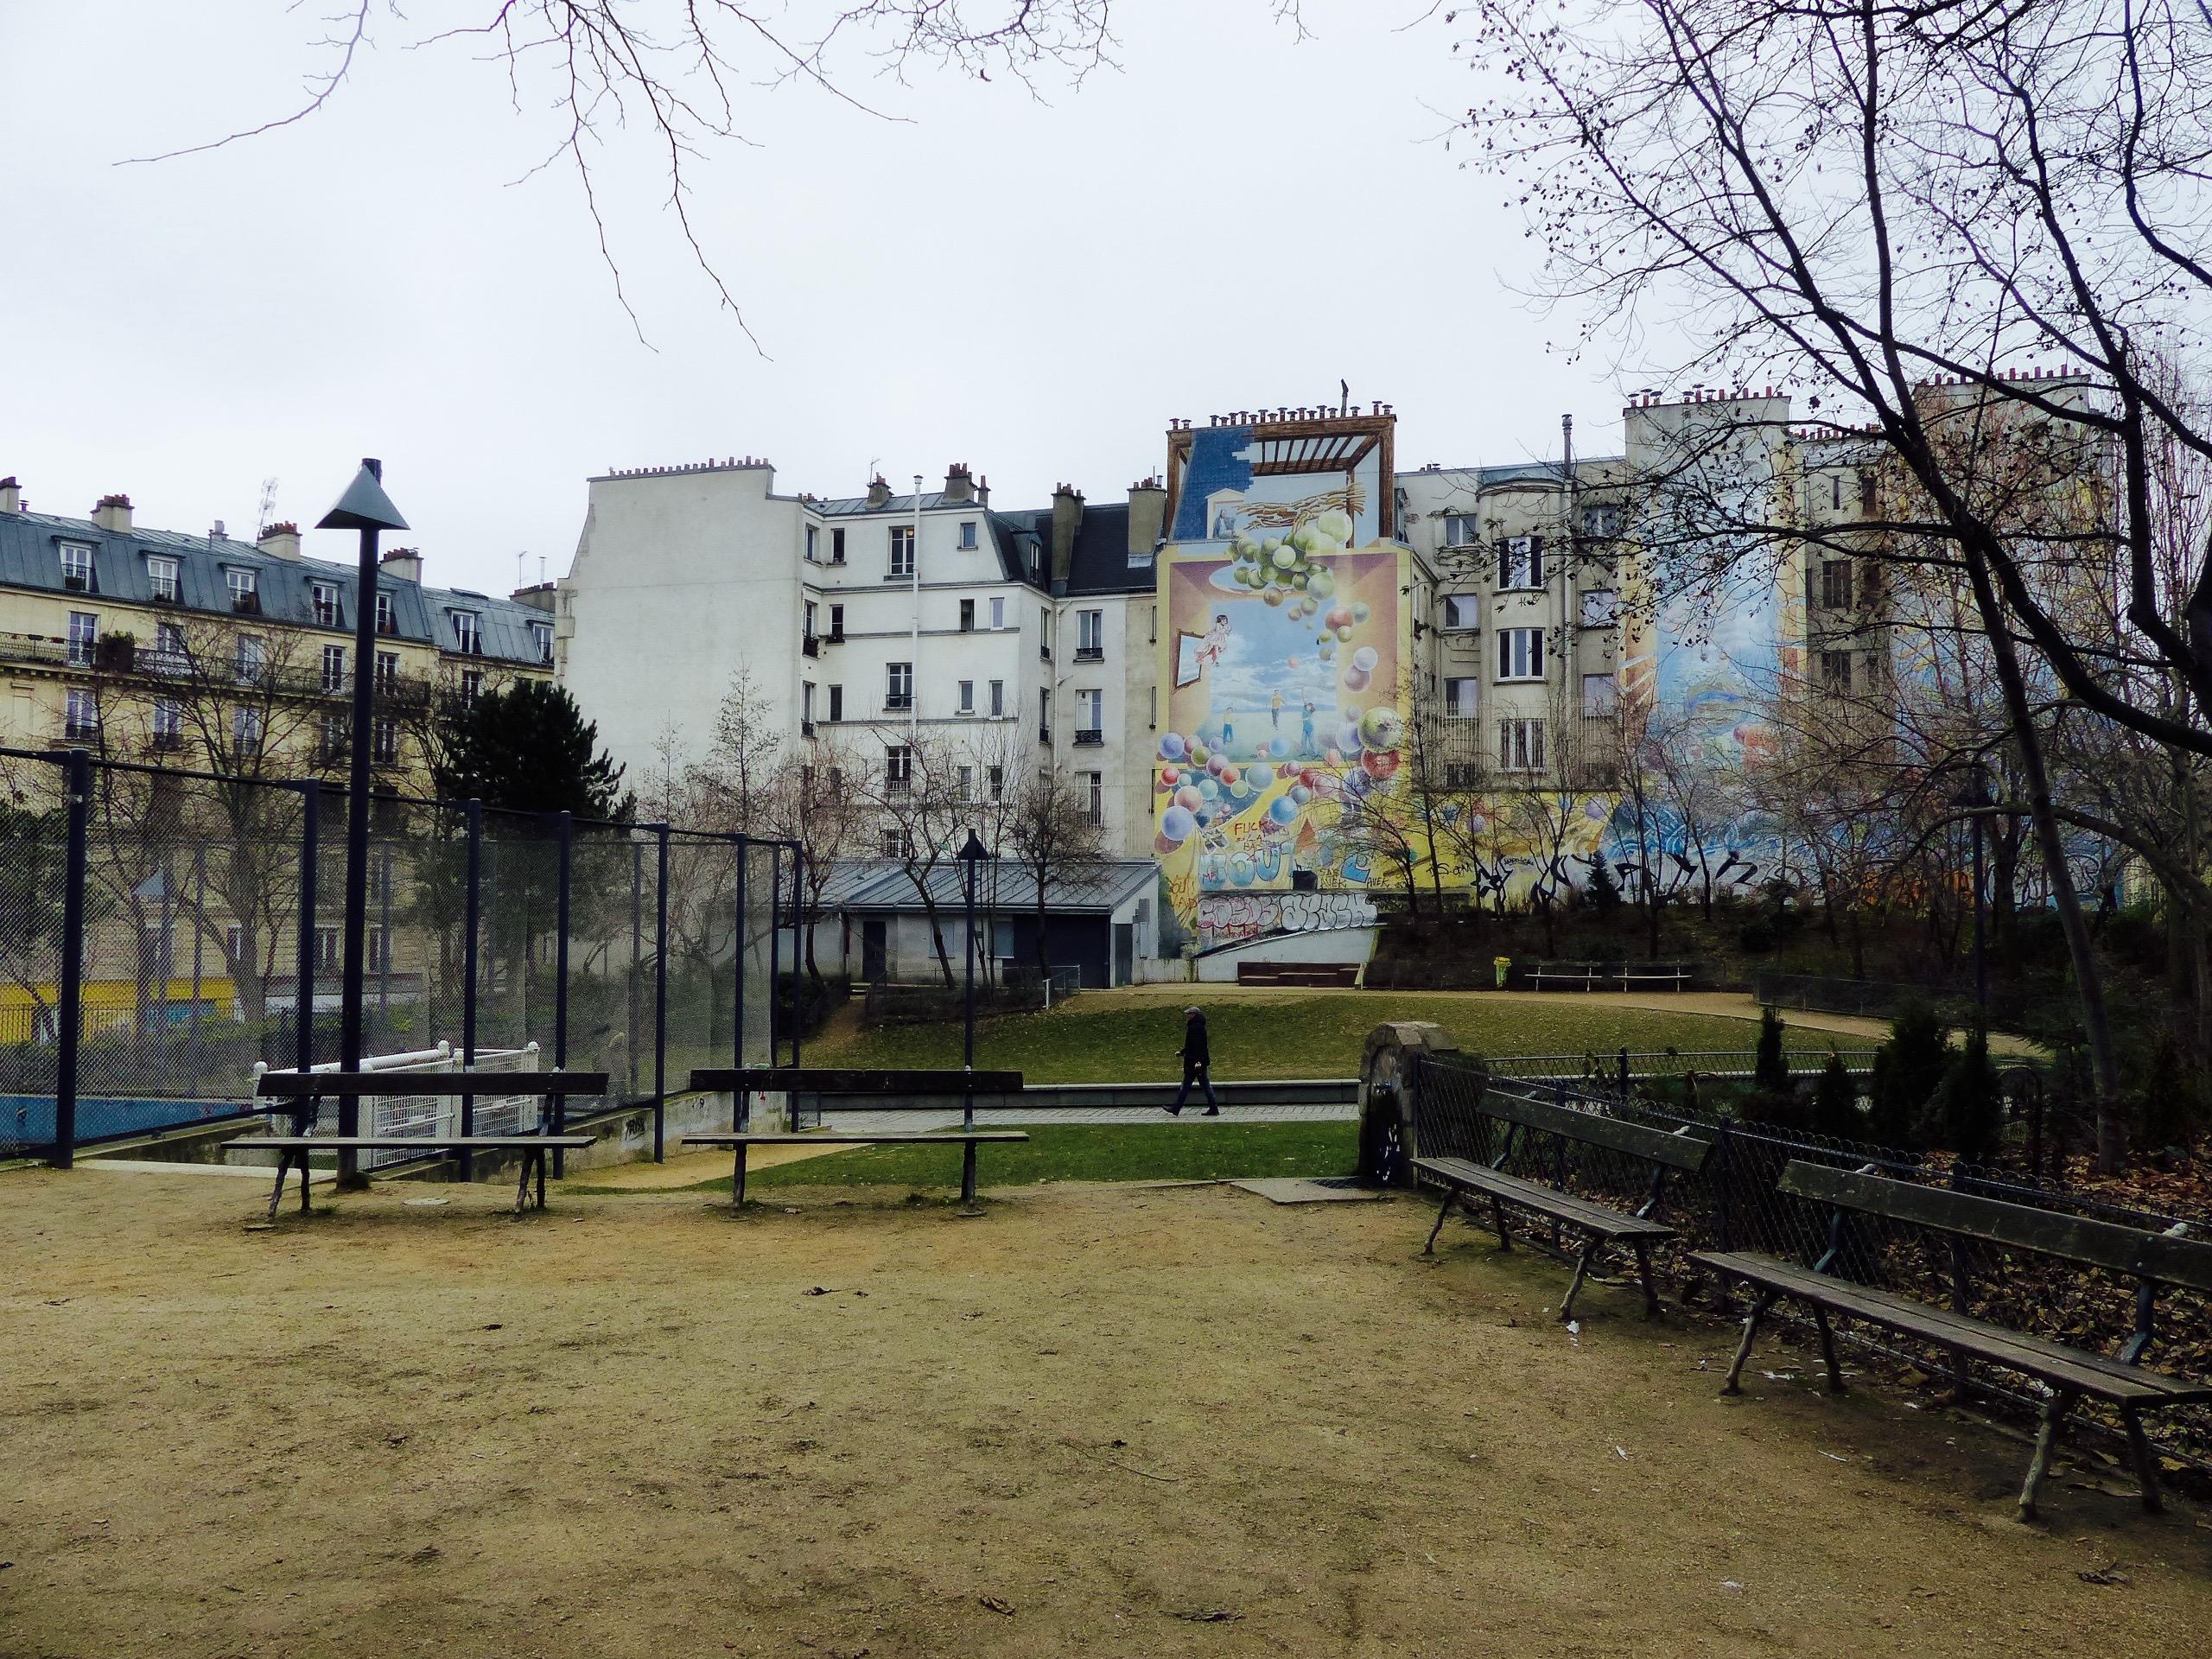 Paris face cachée goutte d'or